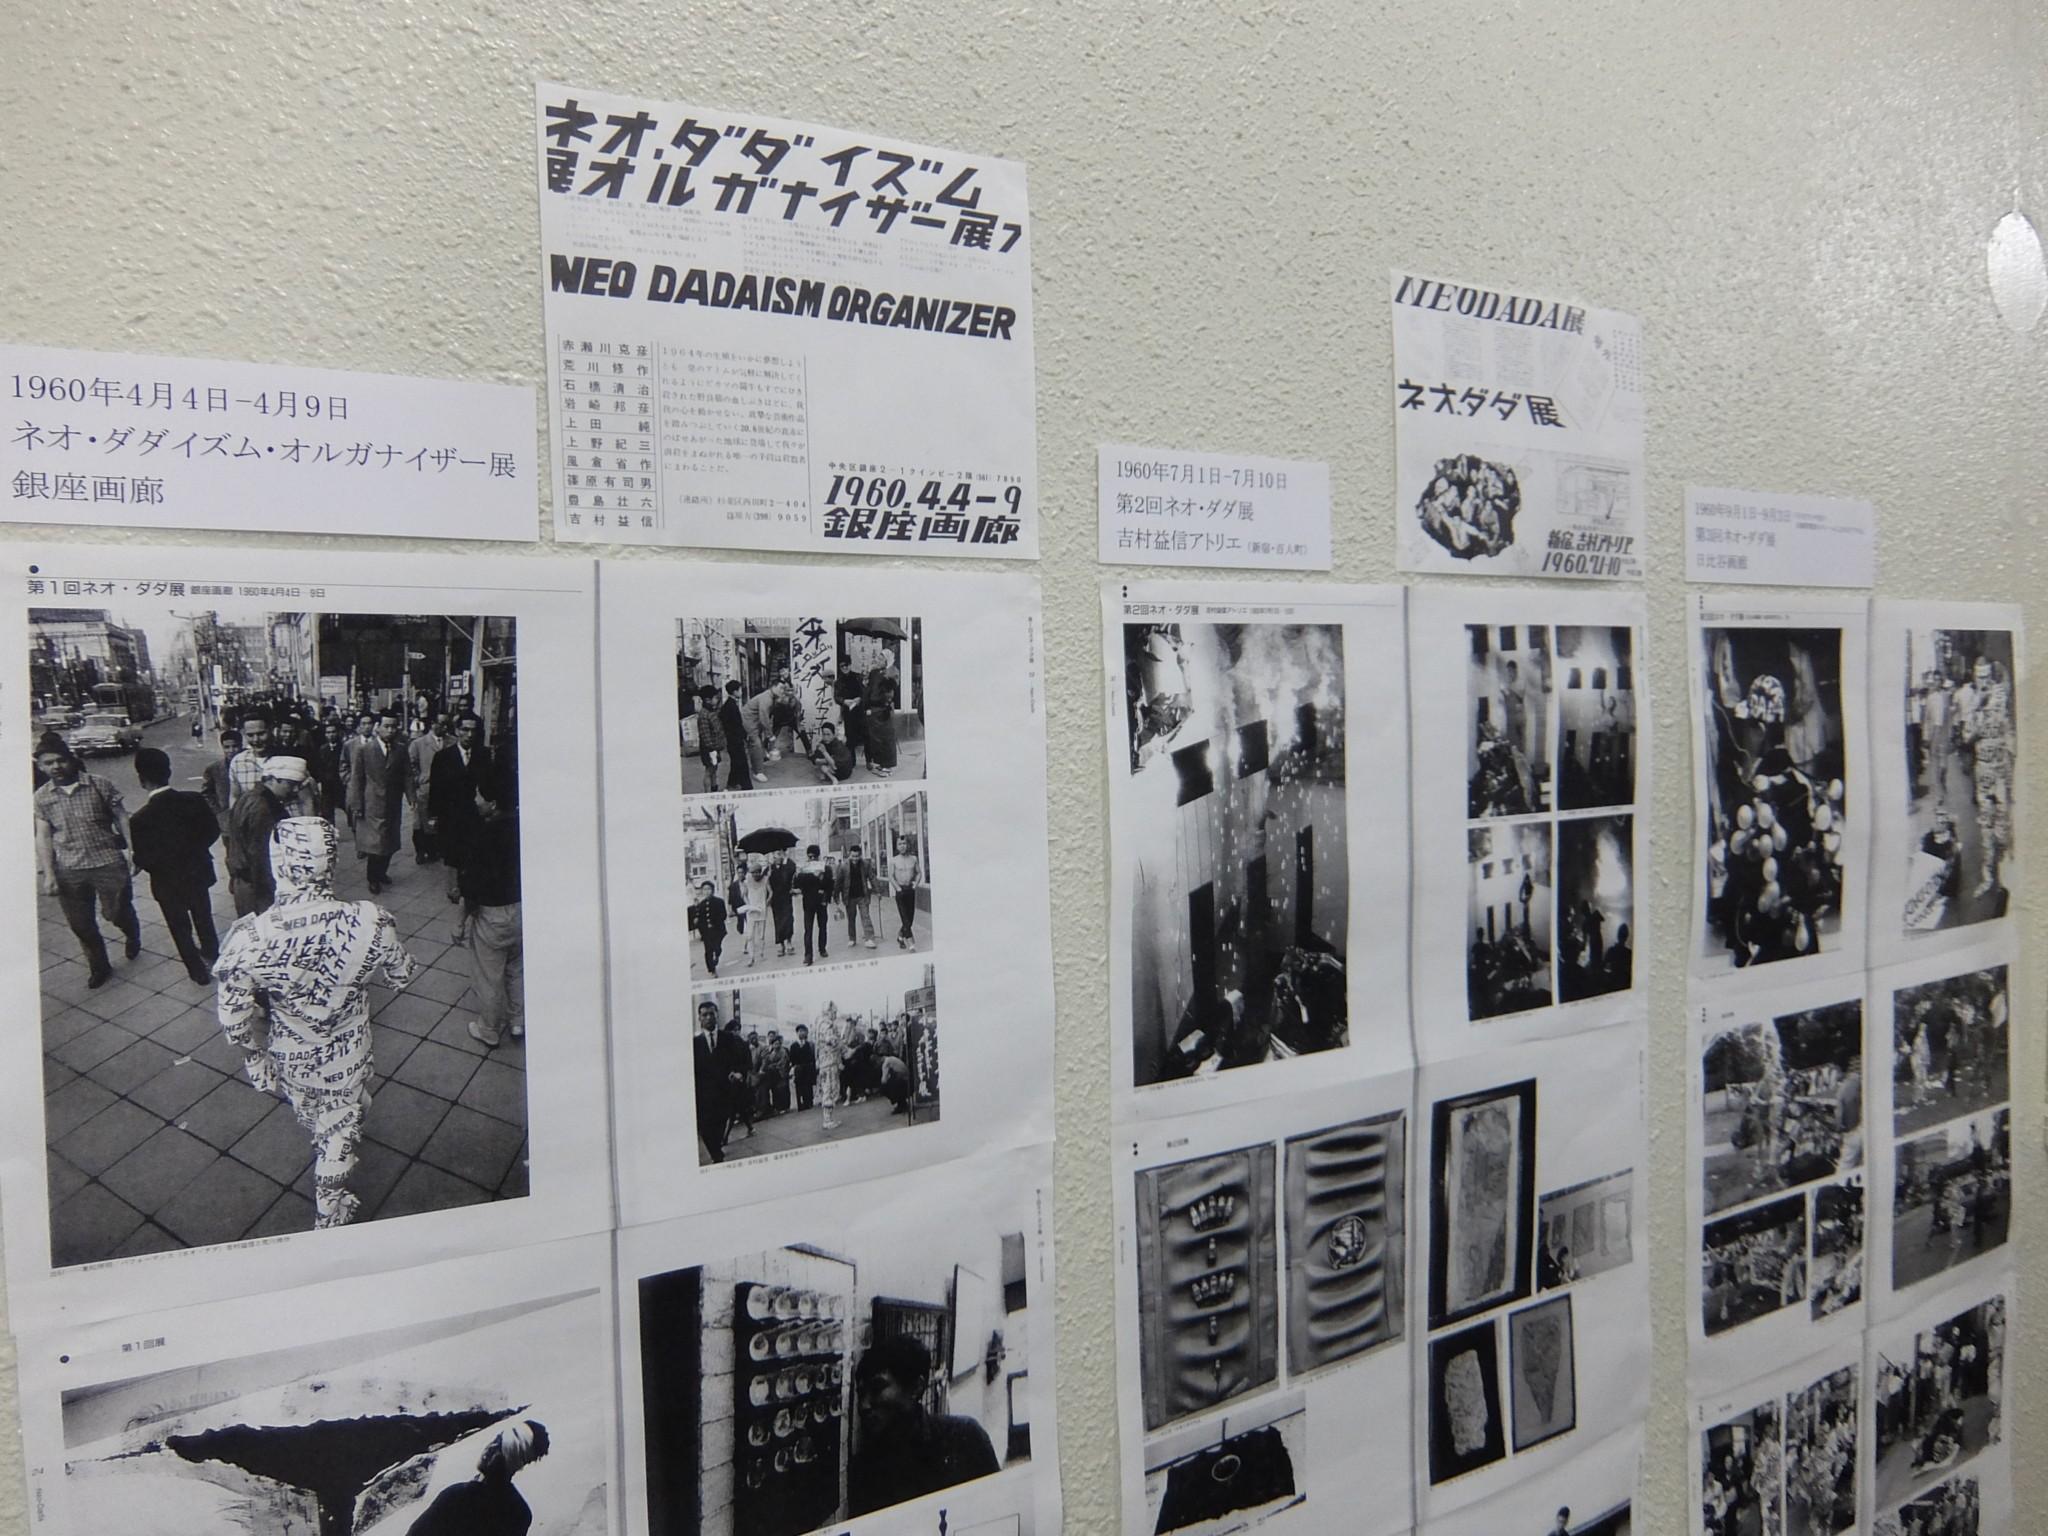 ネオ・ダダ 新作展2013−2014